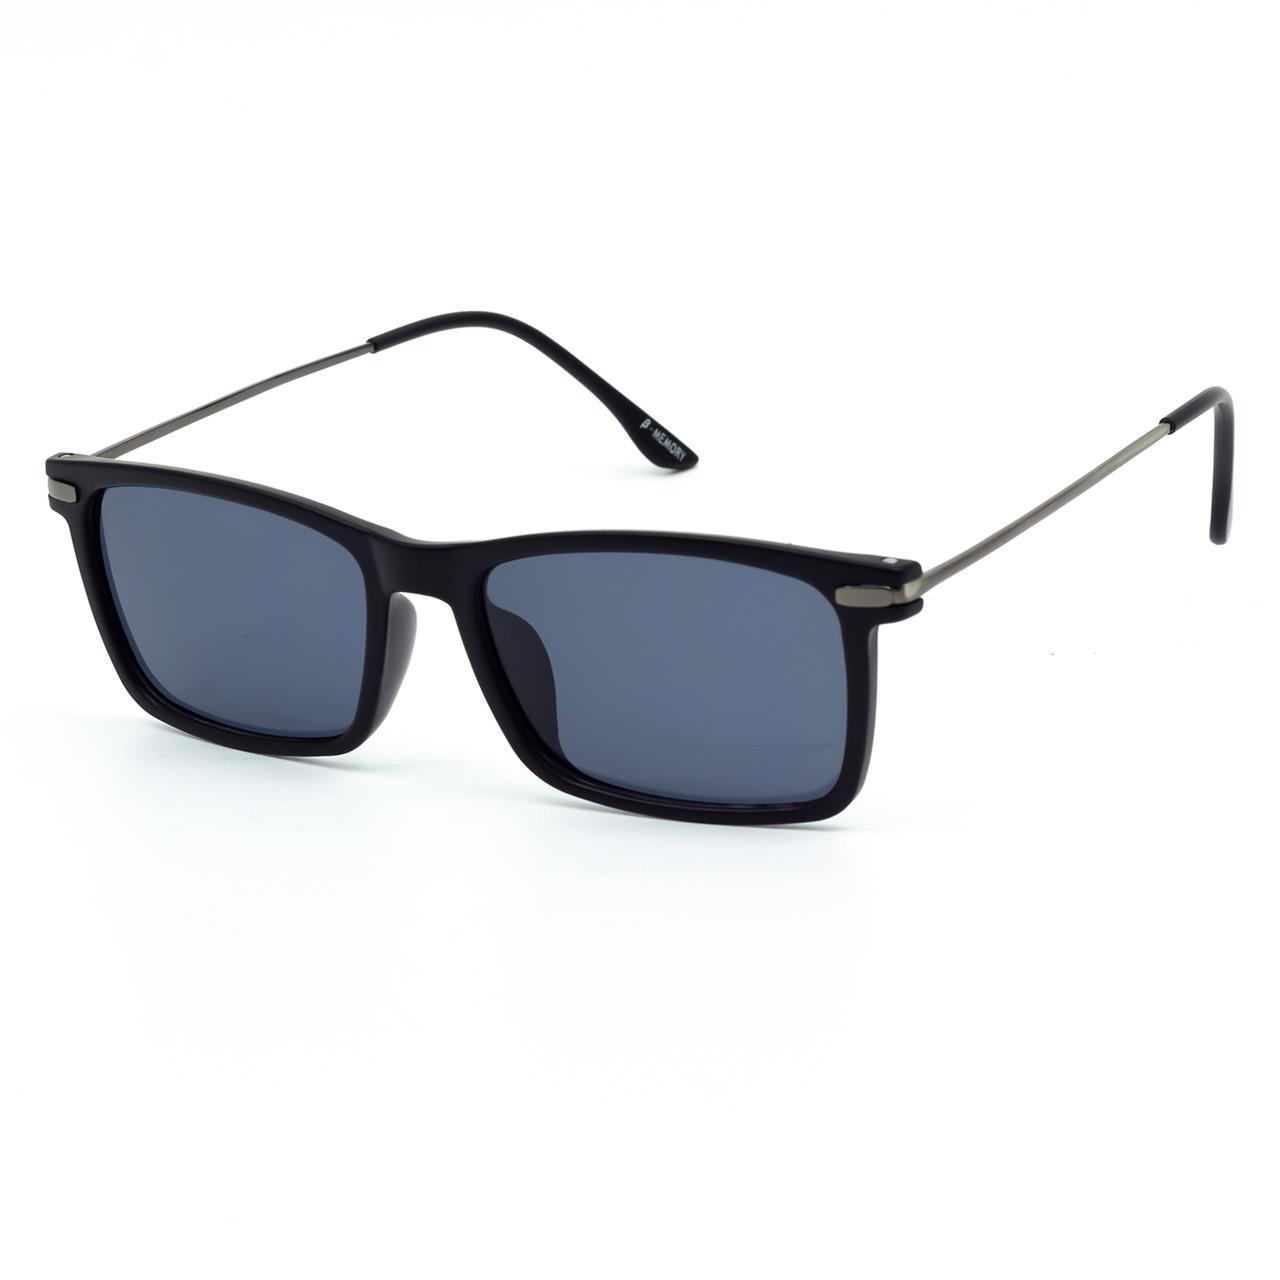 Сонцезахисні окуляри Marmilen 1285 C1 чорні ( 1285-01 )